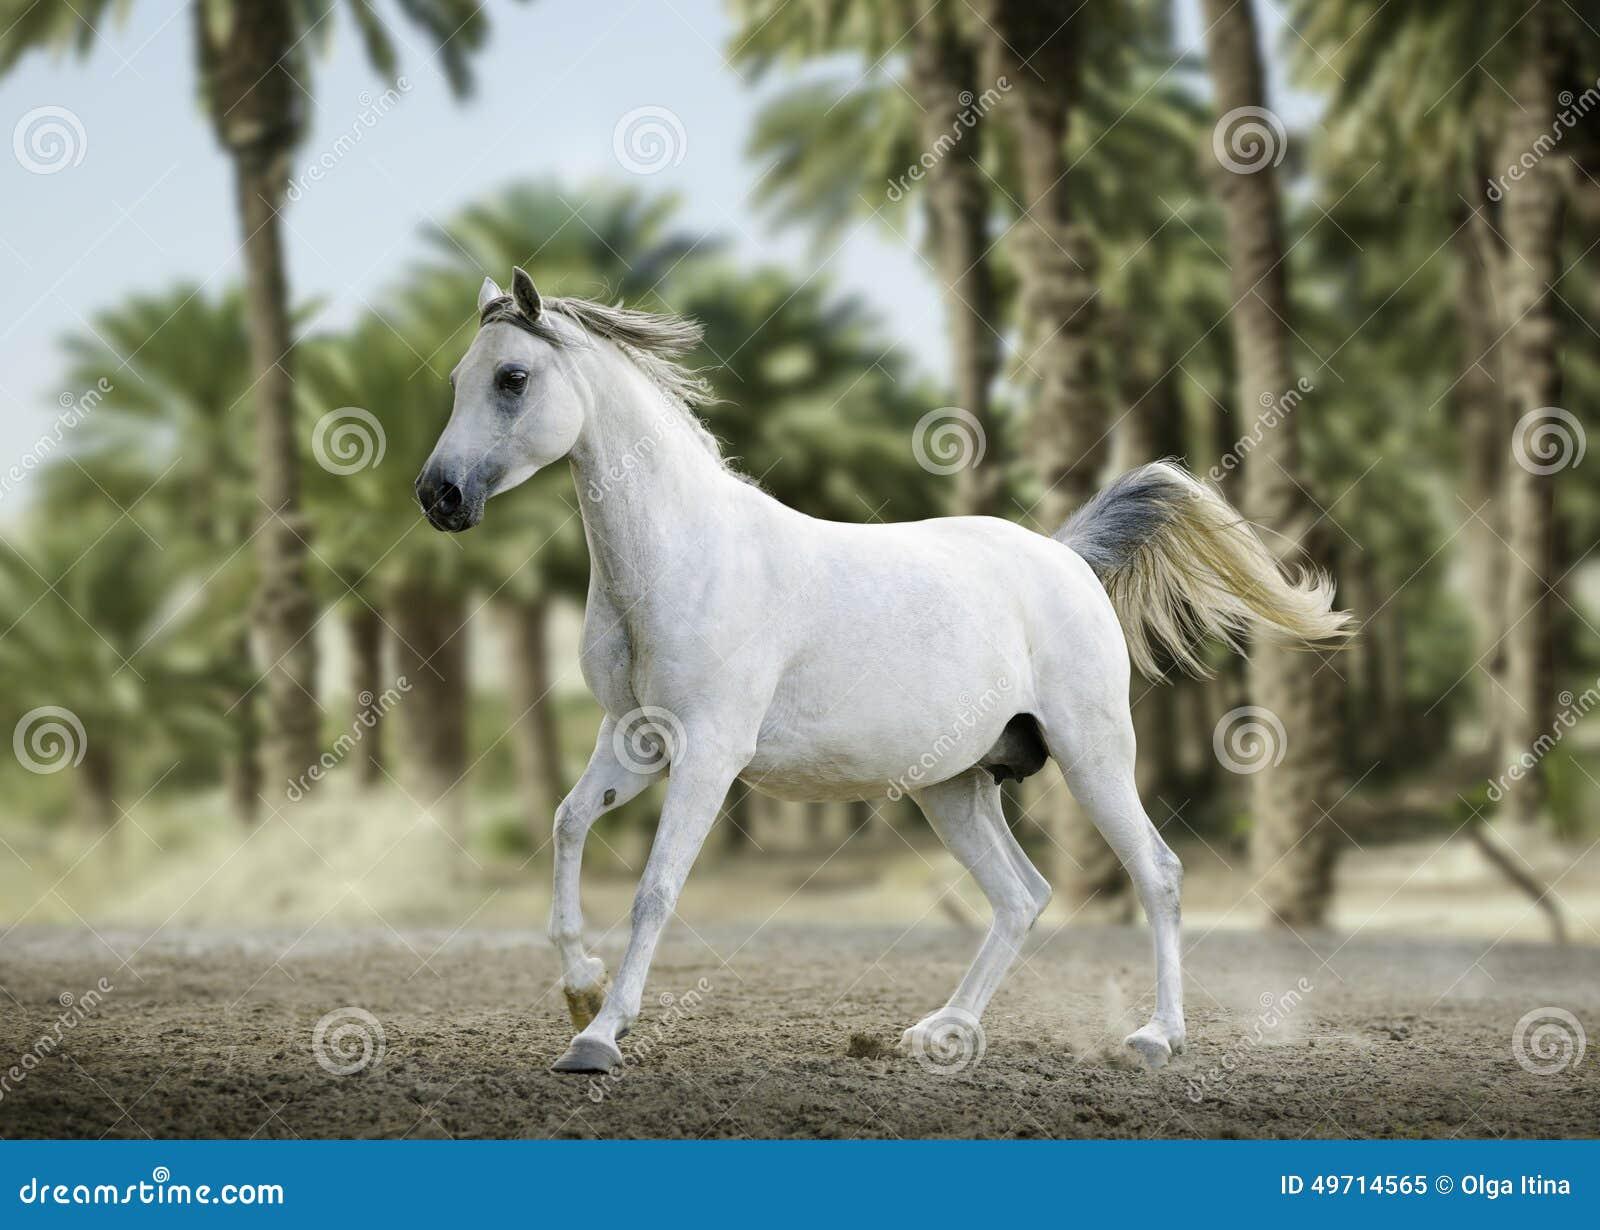 Purebred White Arabian Horse Running In Desert Stock Image ...